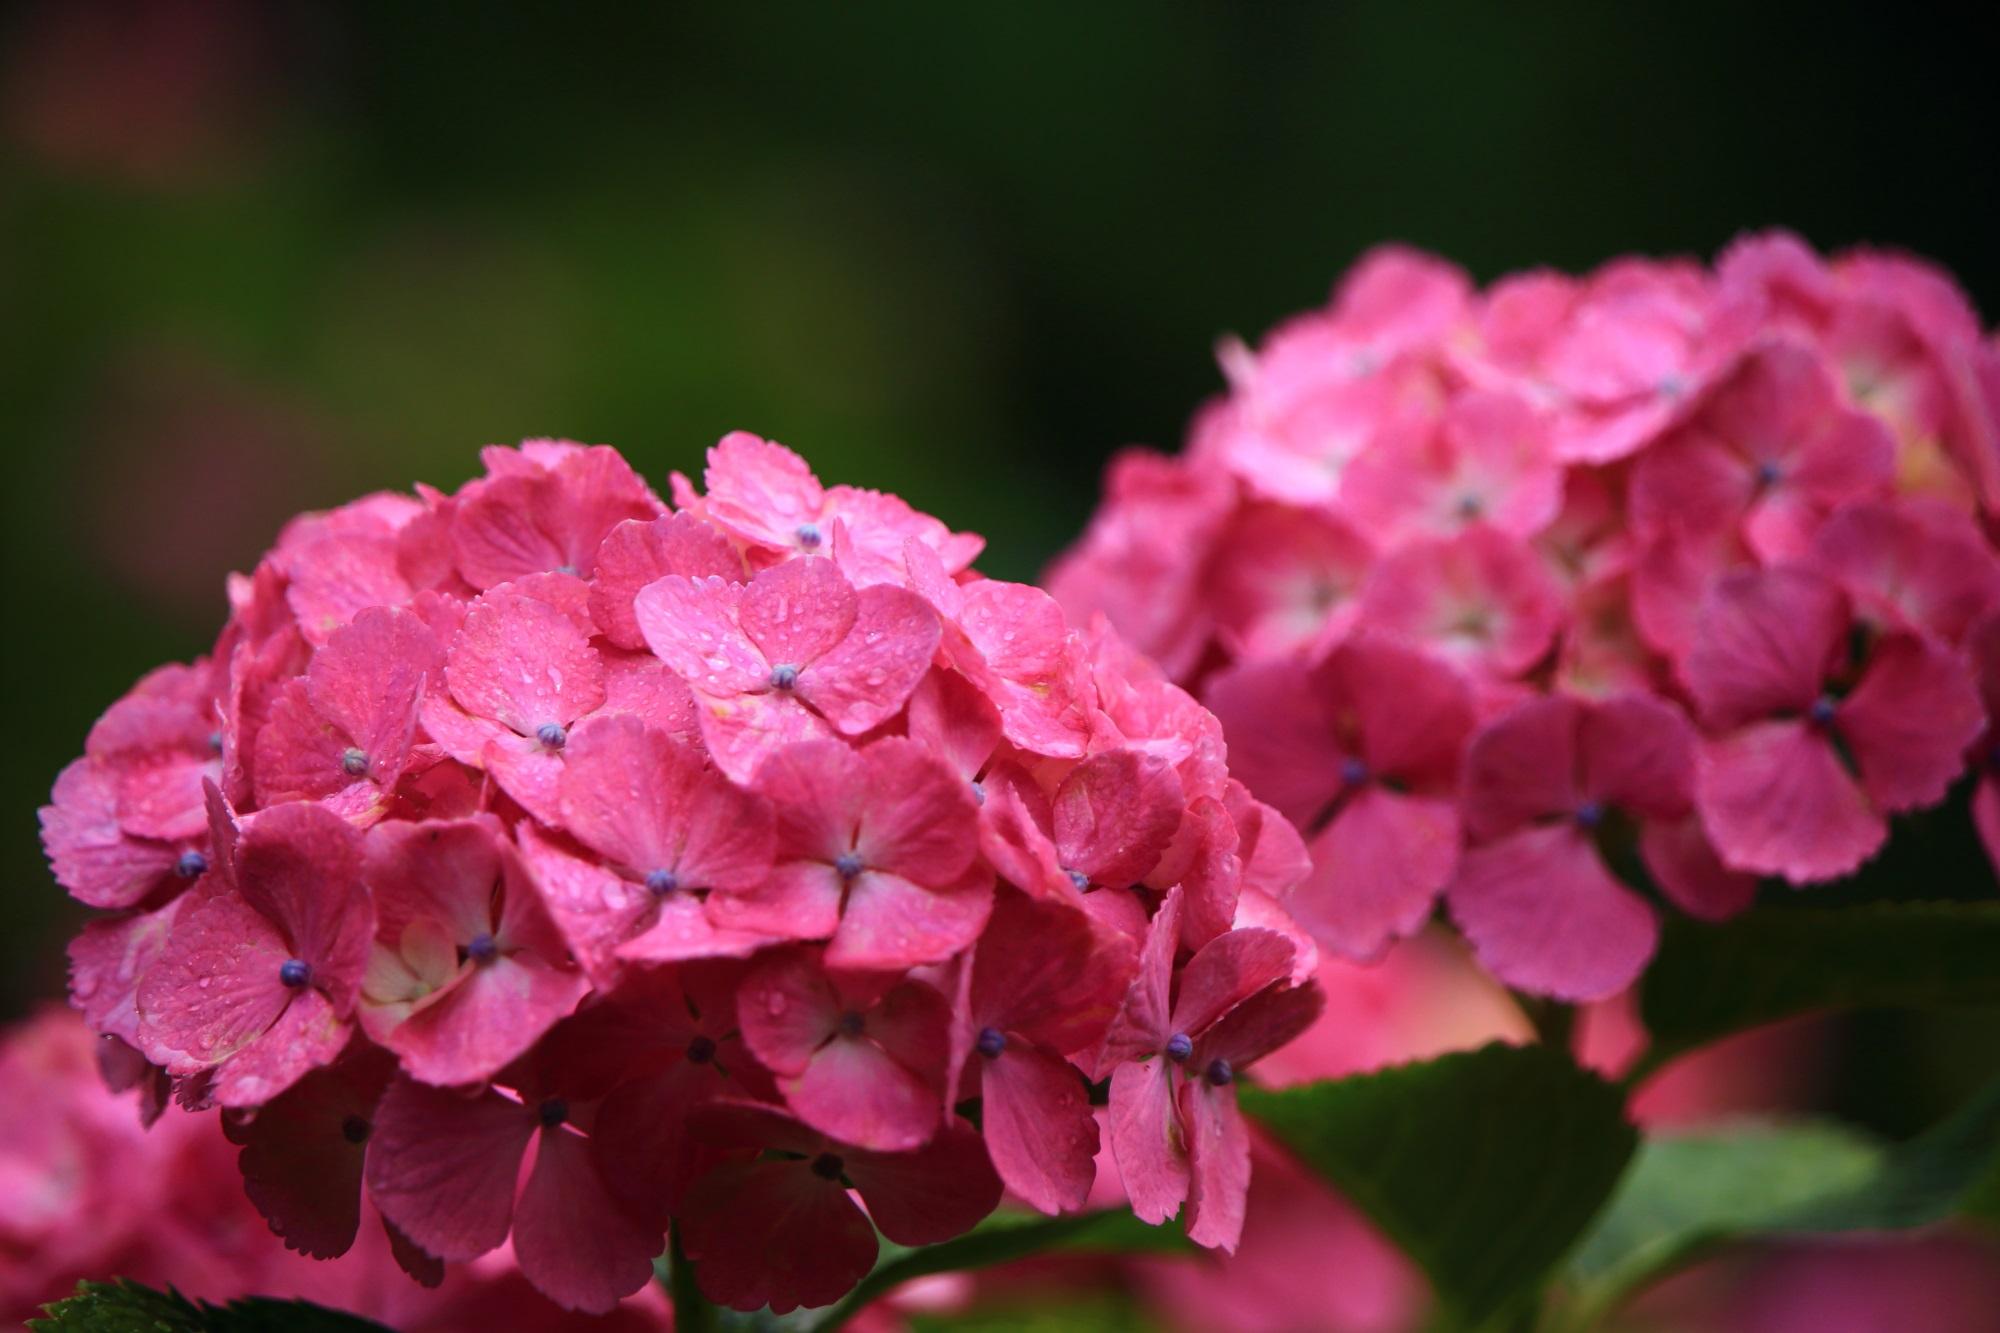 善峯寺の雨で輝くビビッドなピンクの紫陽花